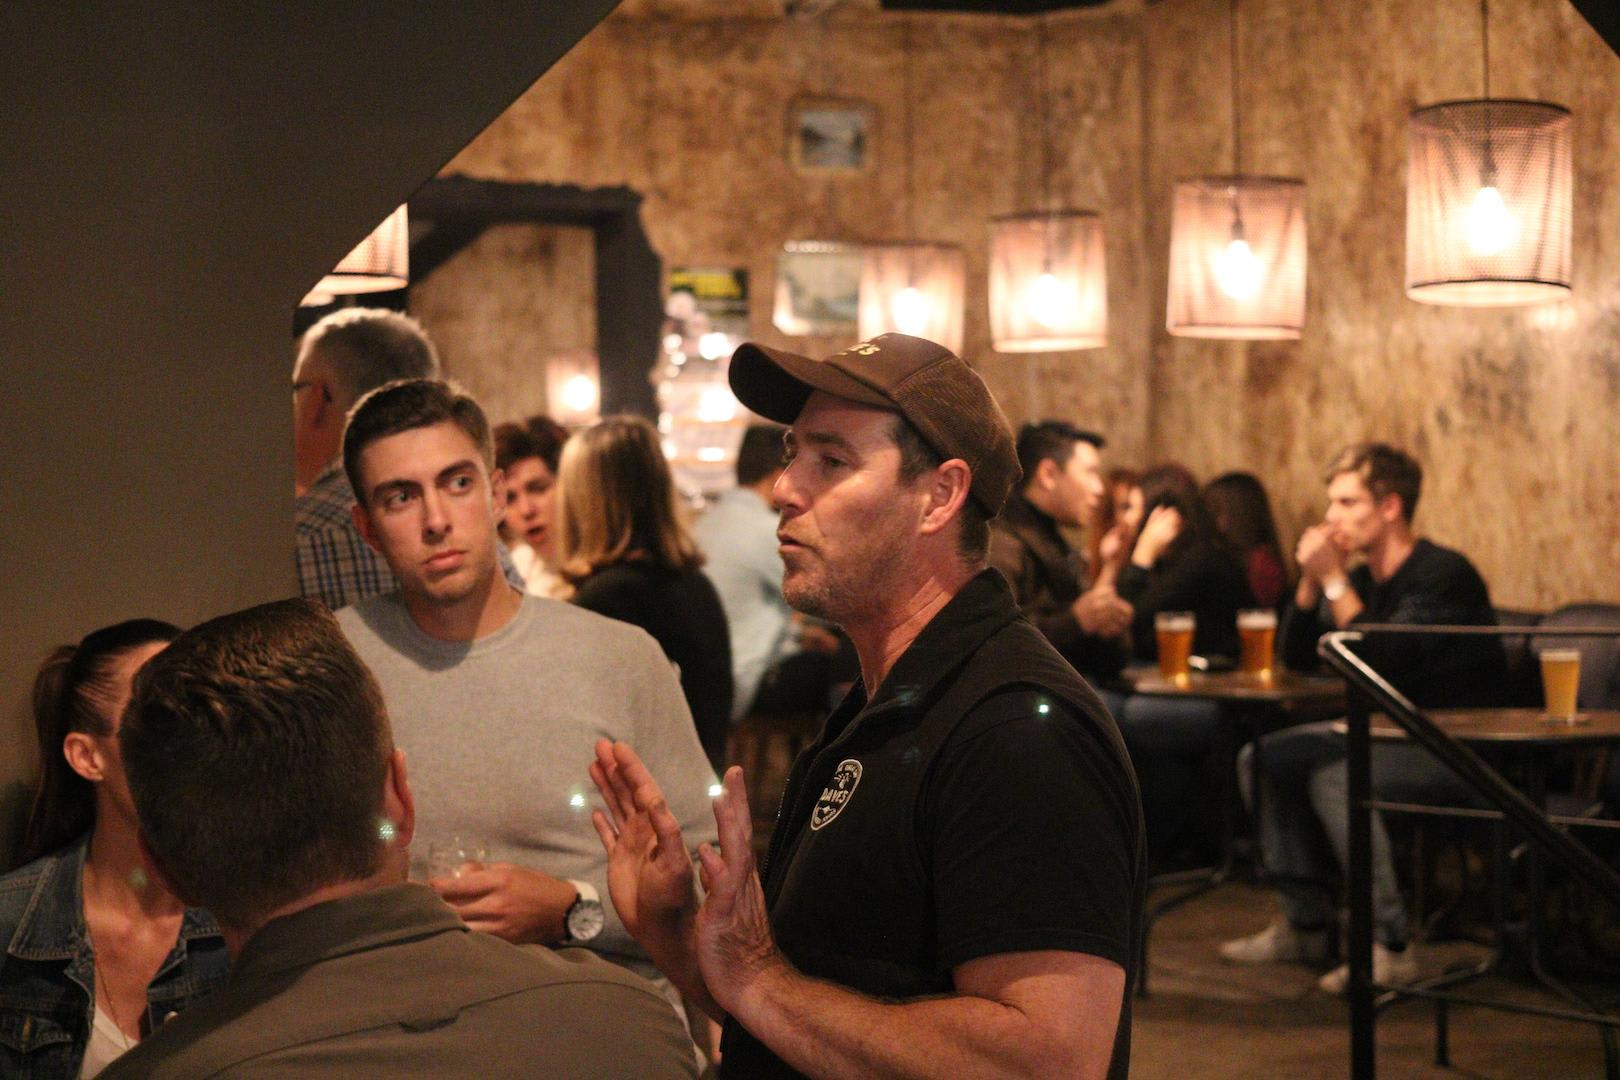 Evening Brewery Tour with Pub Dinner Voucher, Sydney